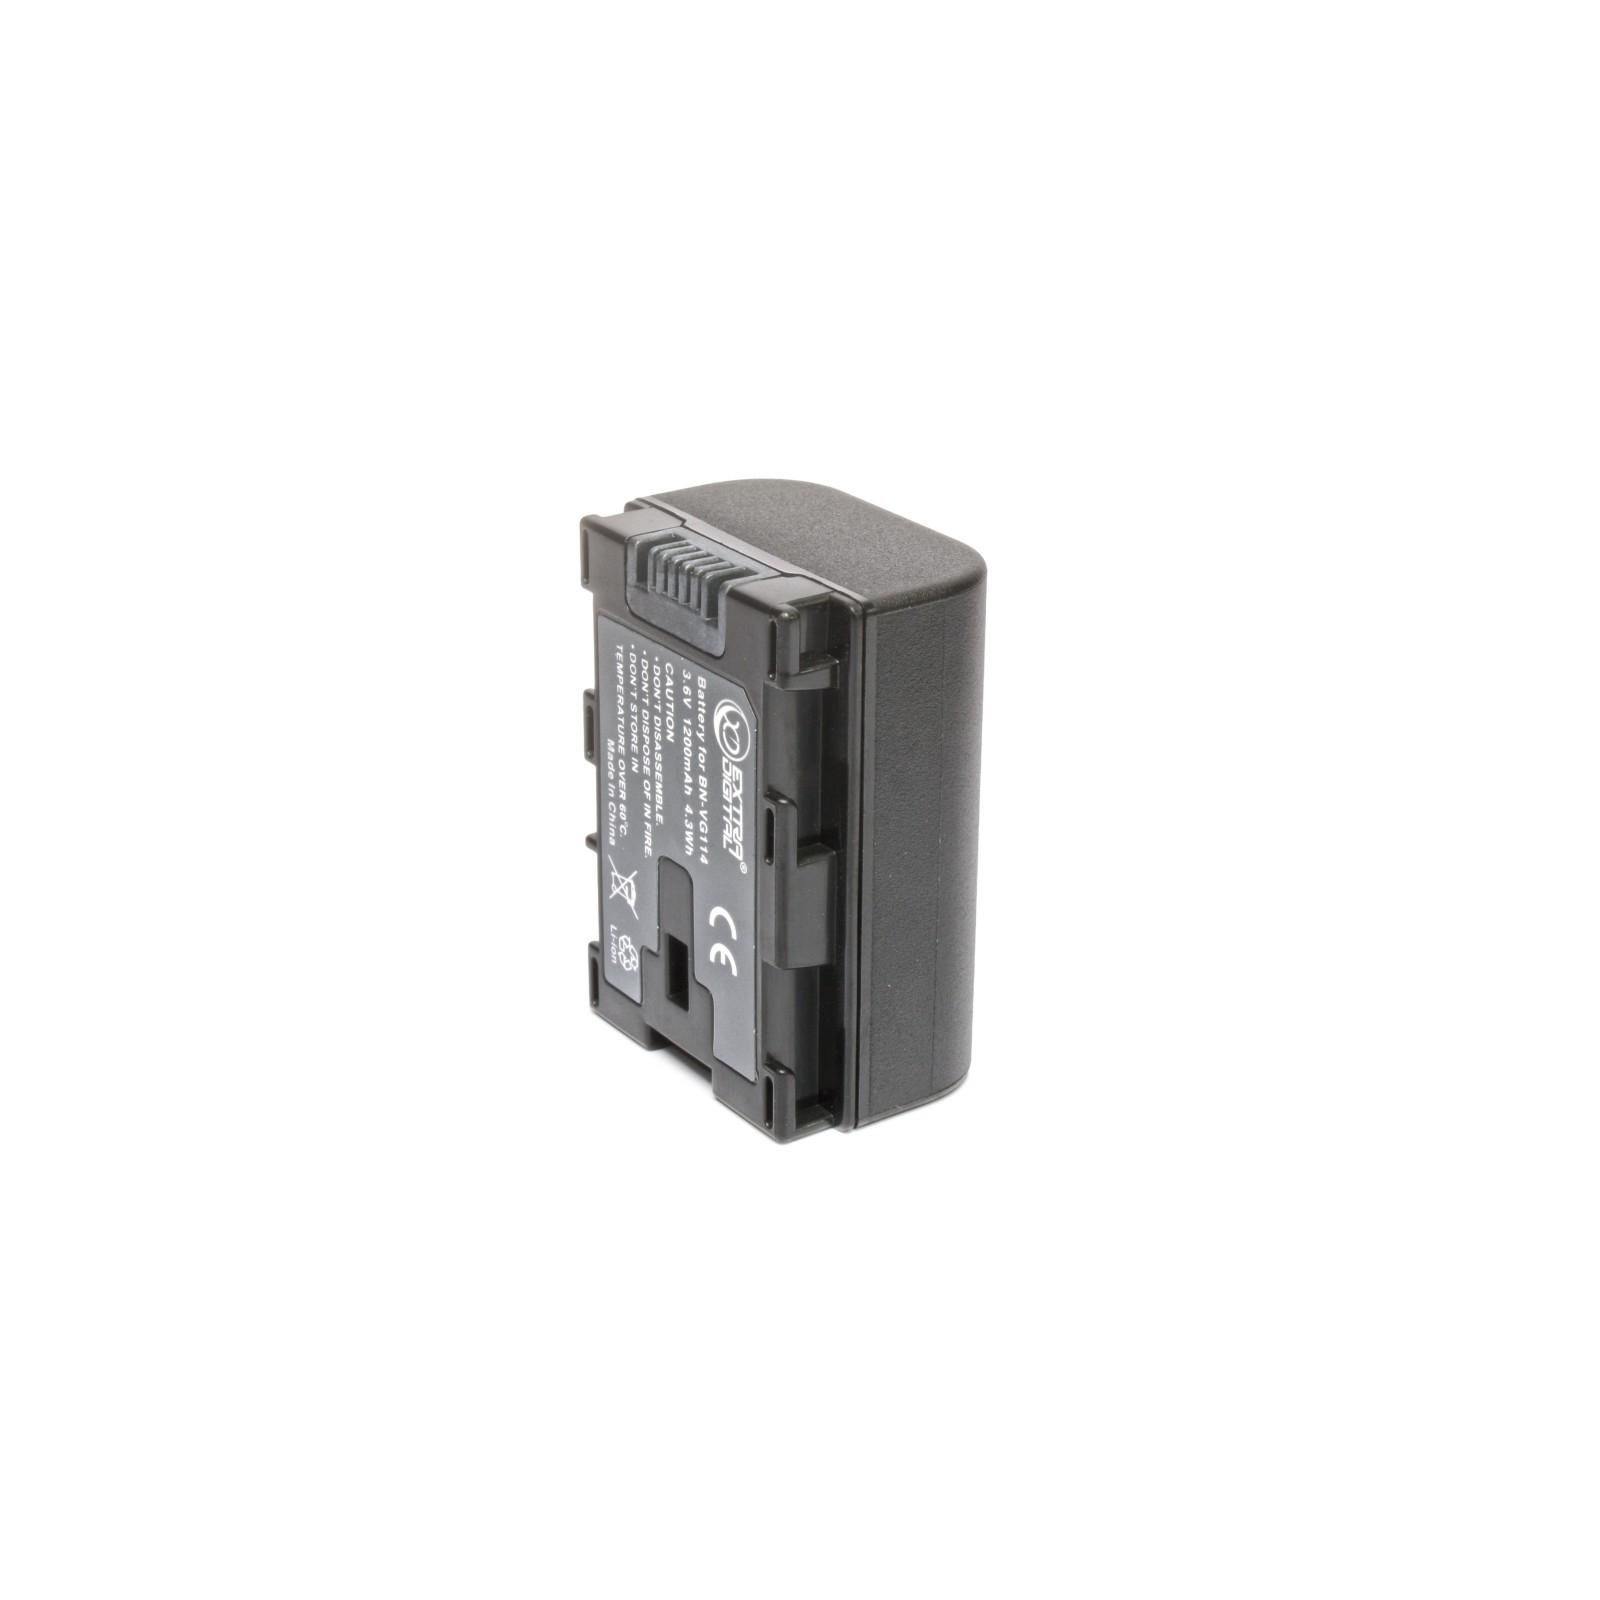 Аккумулятор к фото/видео EXTRADIGITAL JVC BN-VG114 (chip) (BDJ1310) изображение 2